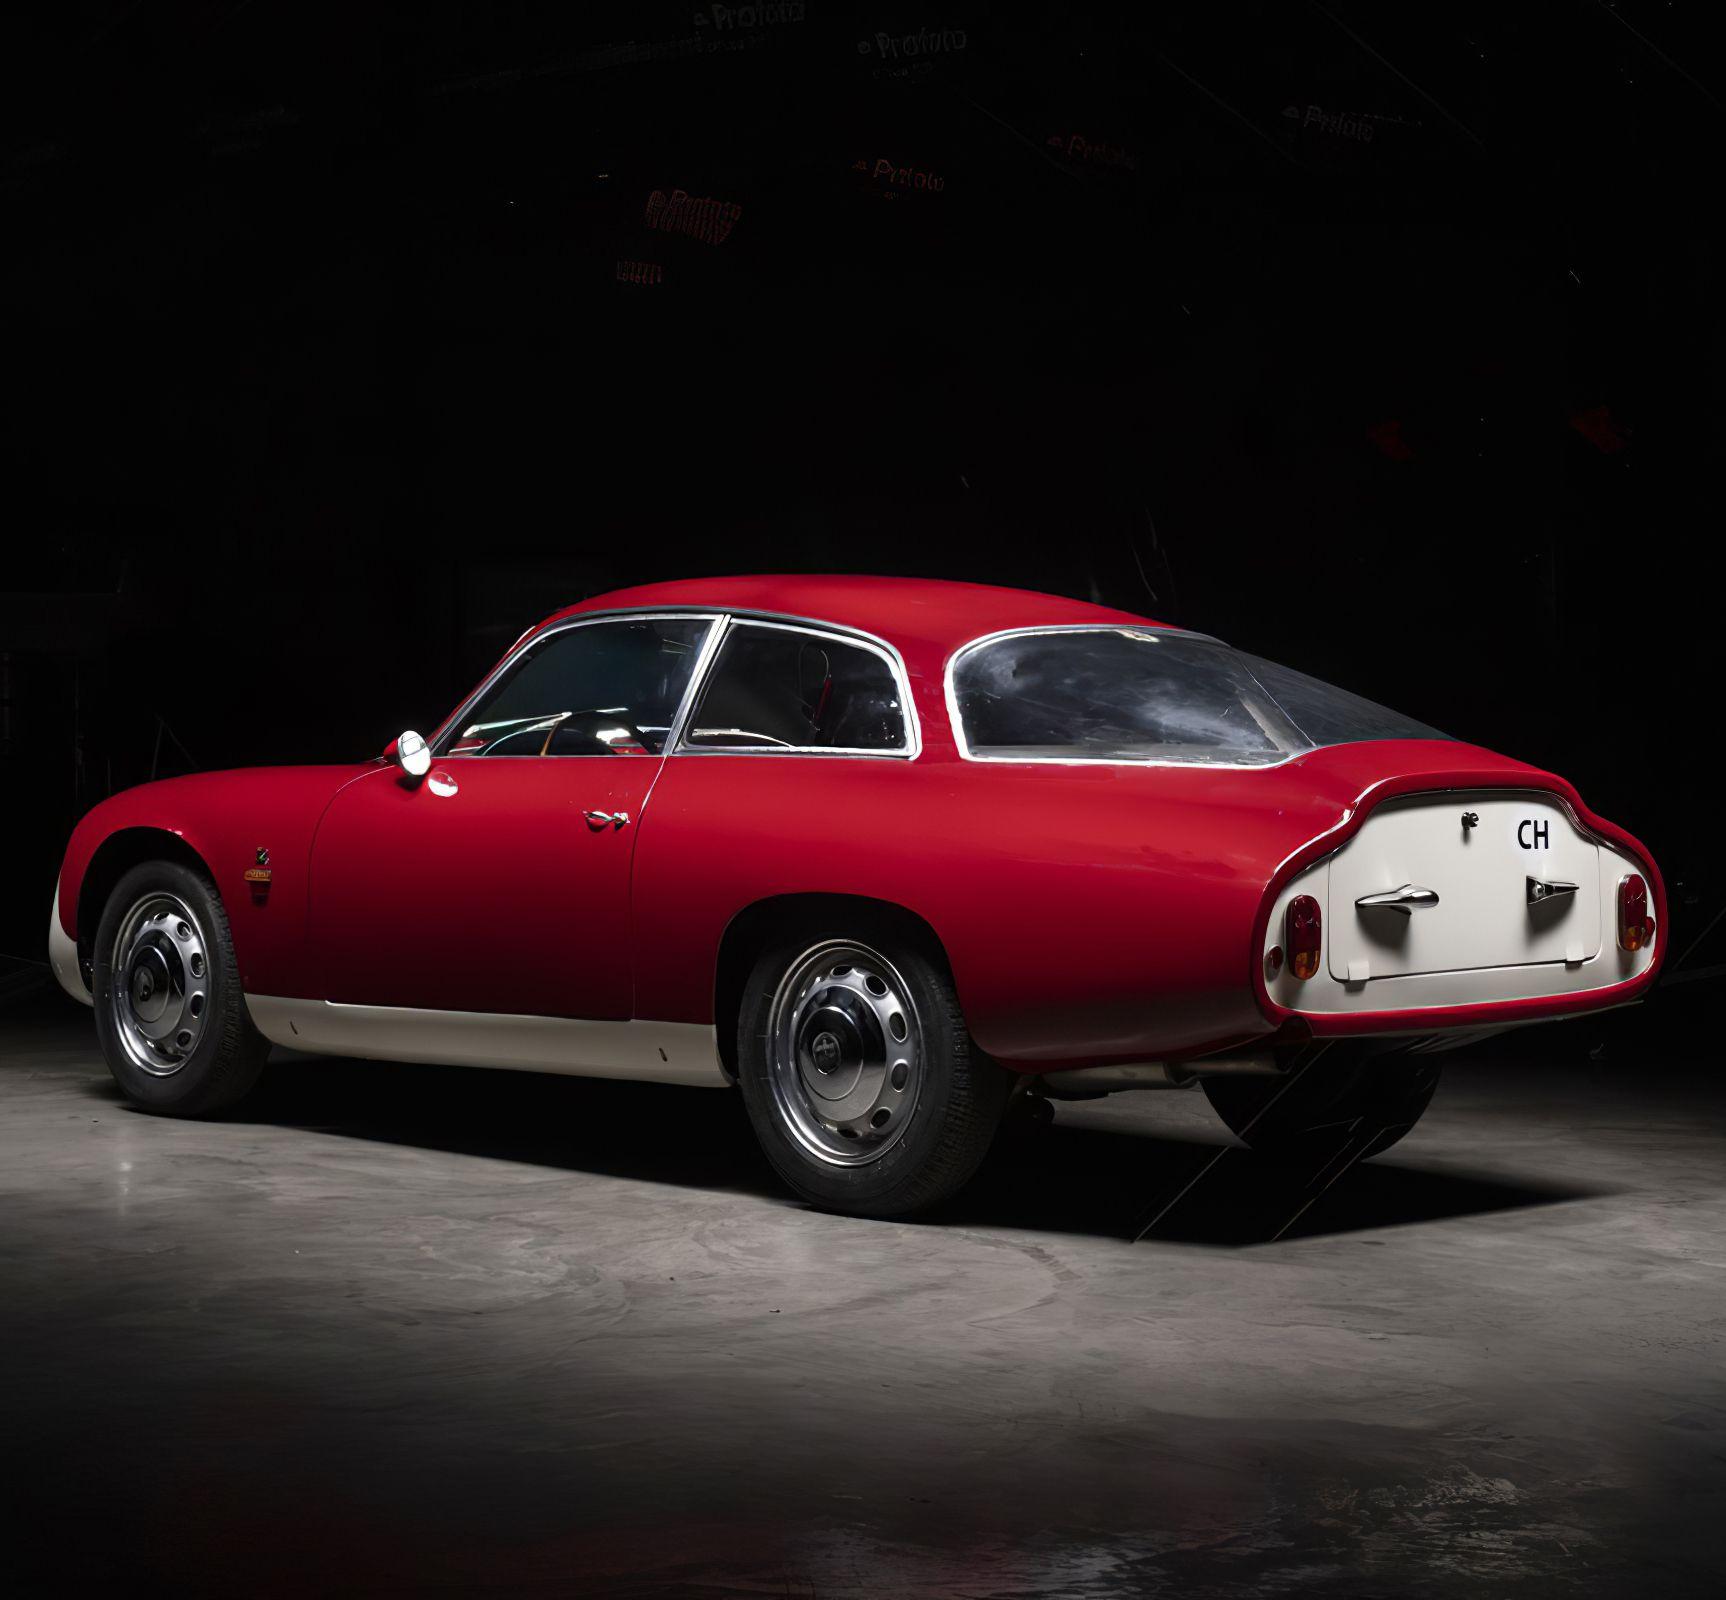 1962 Alfa Romeo Giulietta Sprint Zagato Coda Tronca (mit